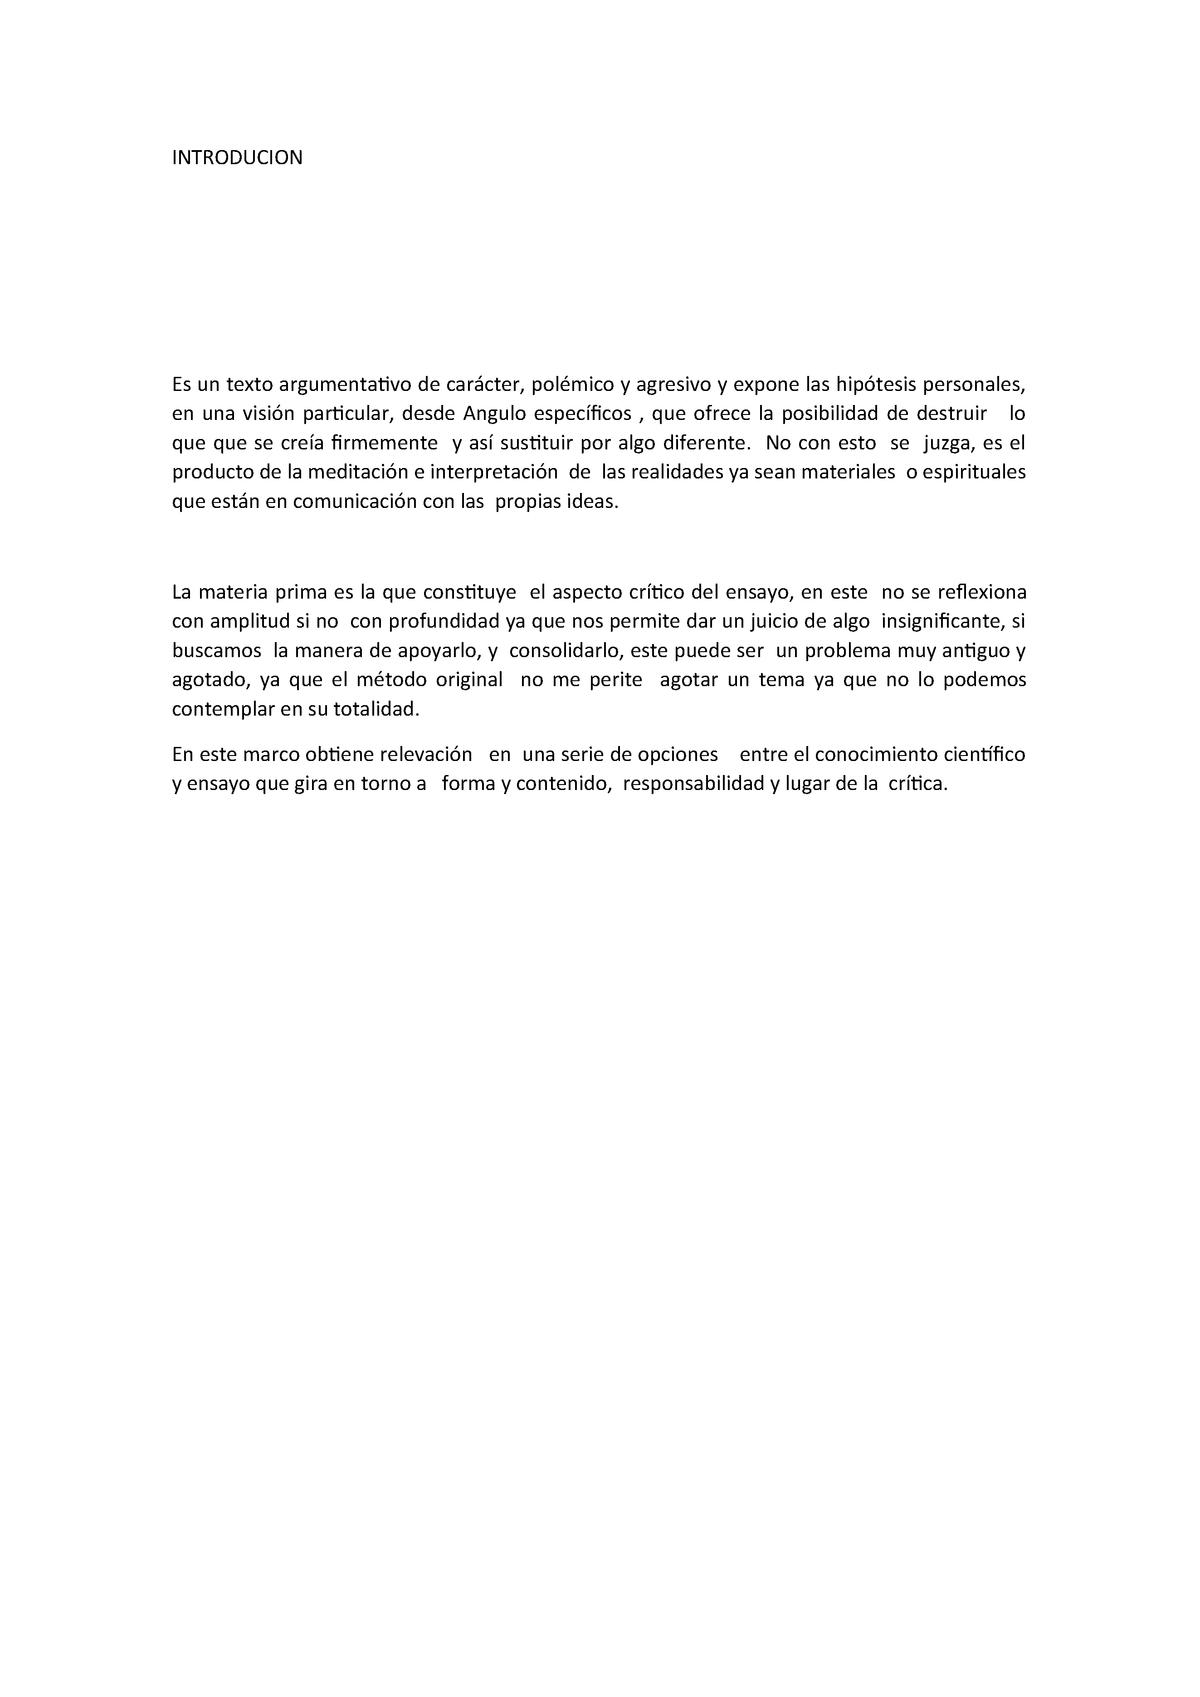 Introduction sentences